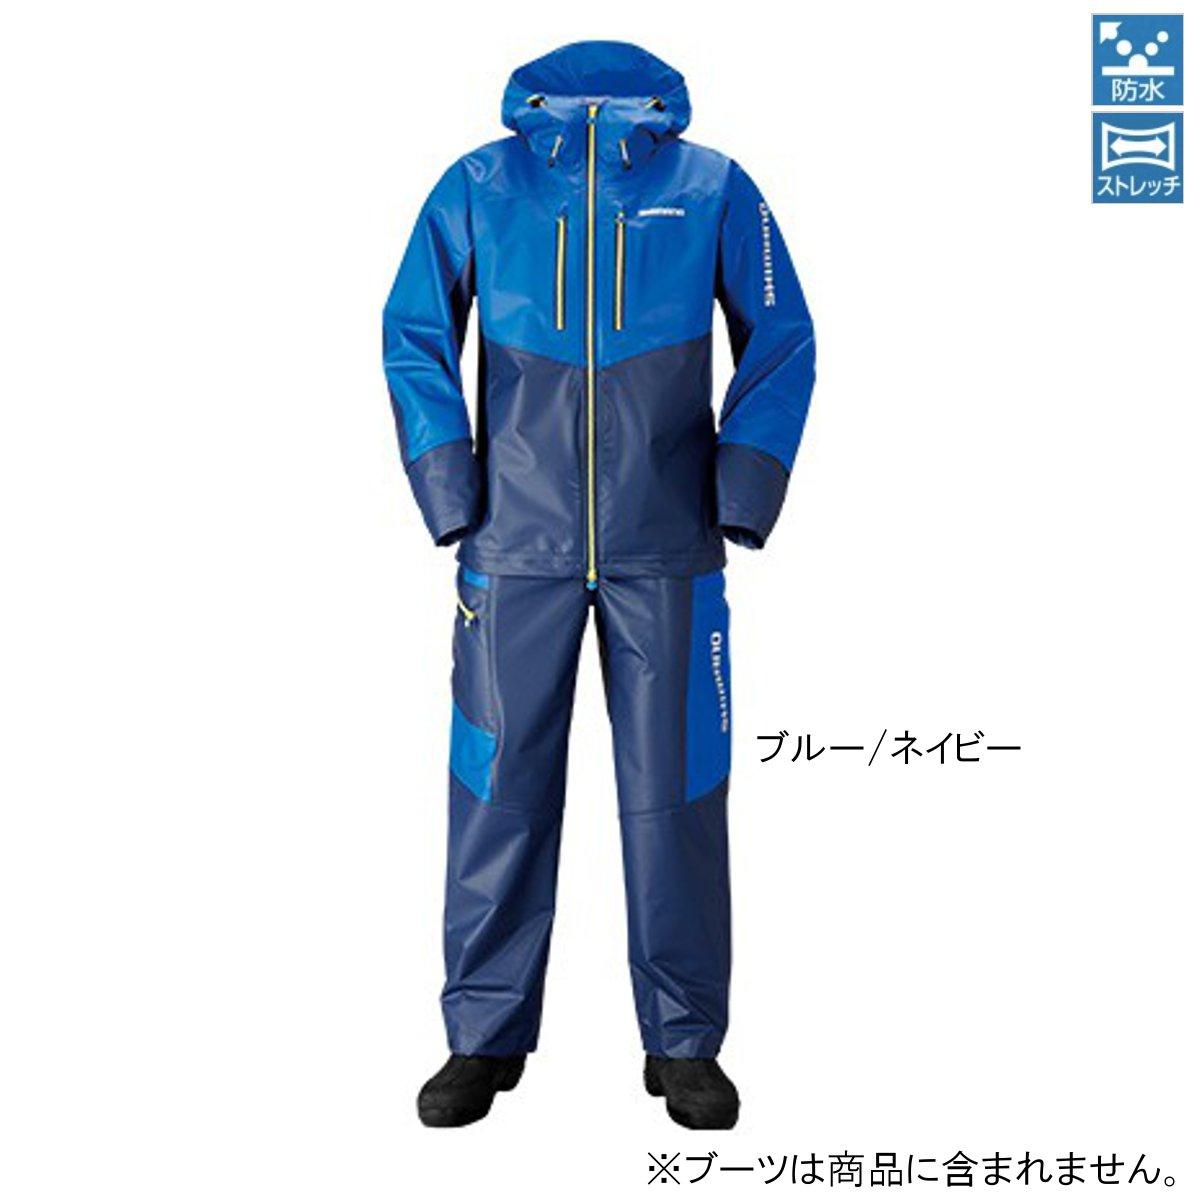 シマノ マリンライトスーツ RA-034N L ブルー/ネイビー(東日本店)